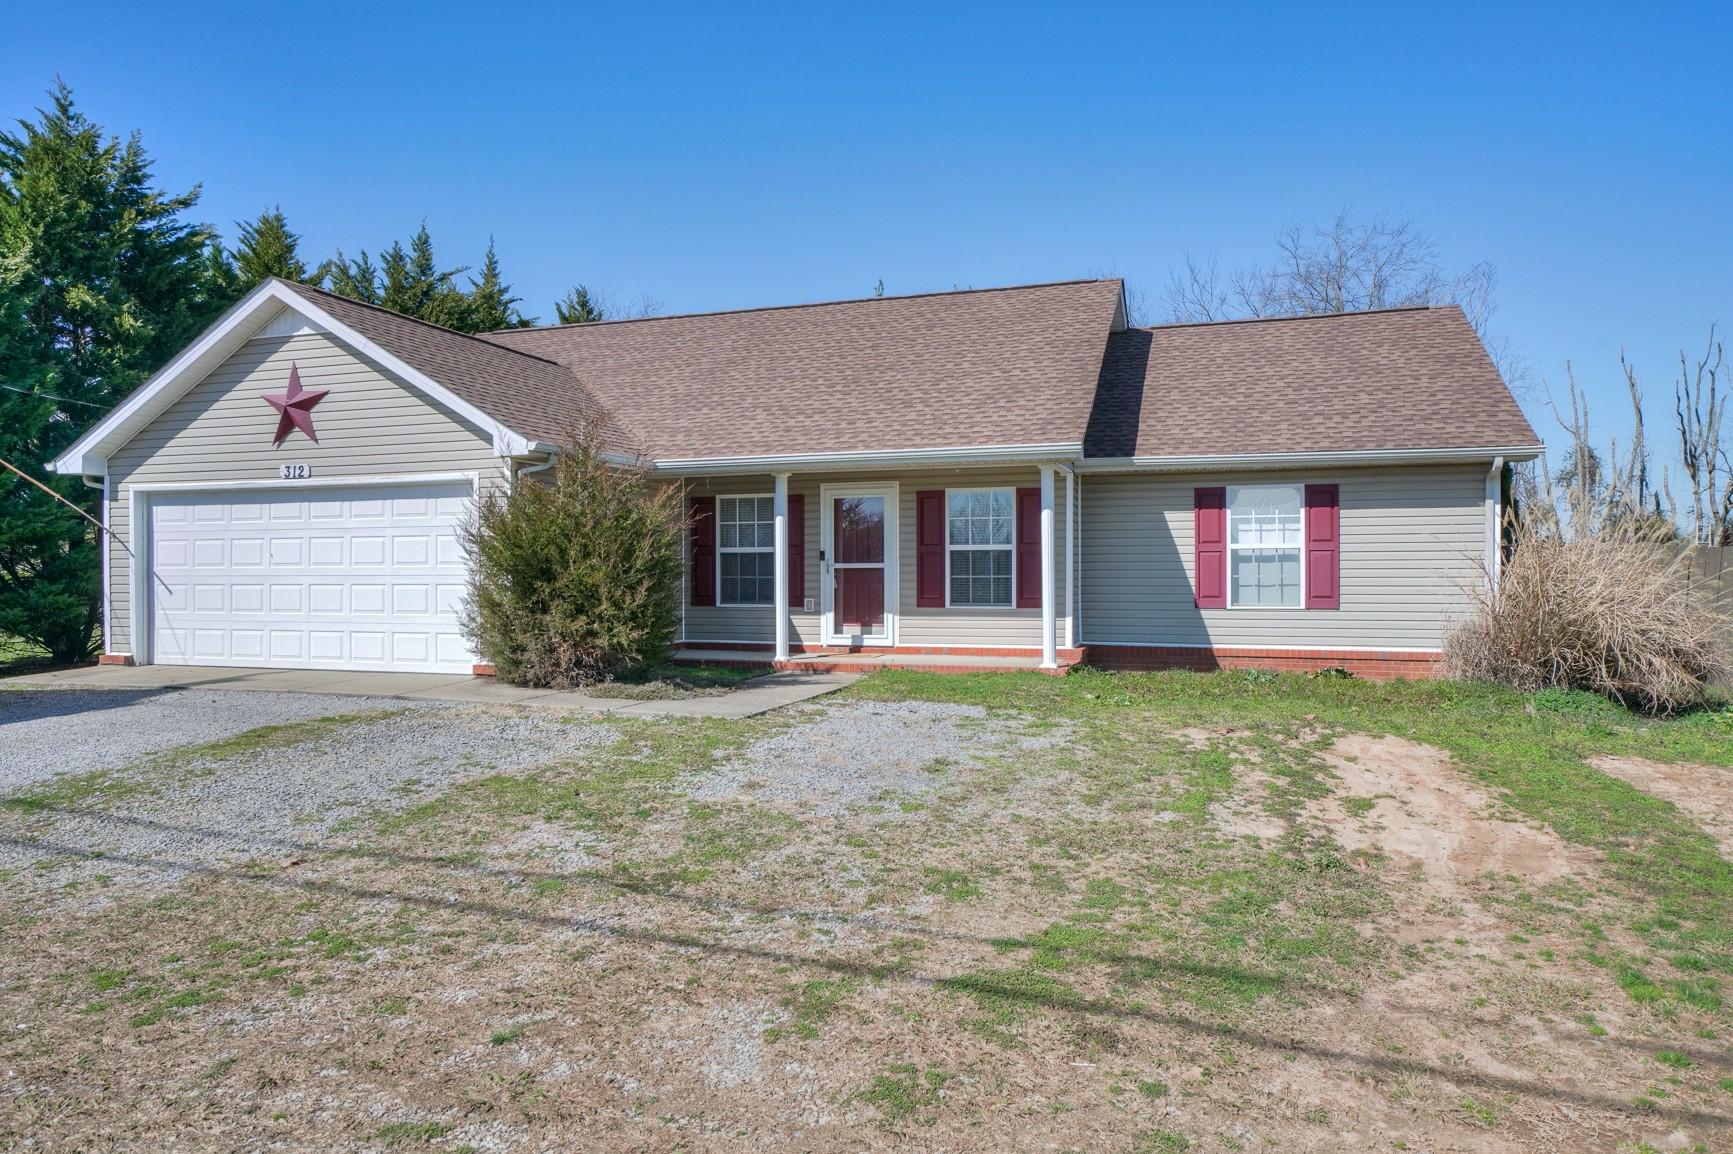 Bella Farms Sec 1 Real Estate Listings Main Image